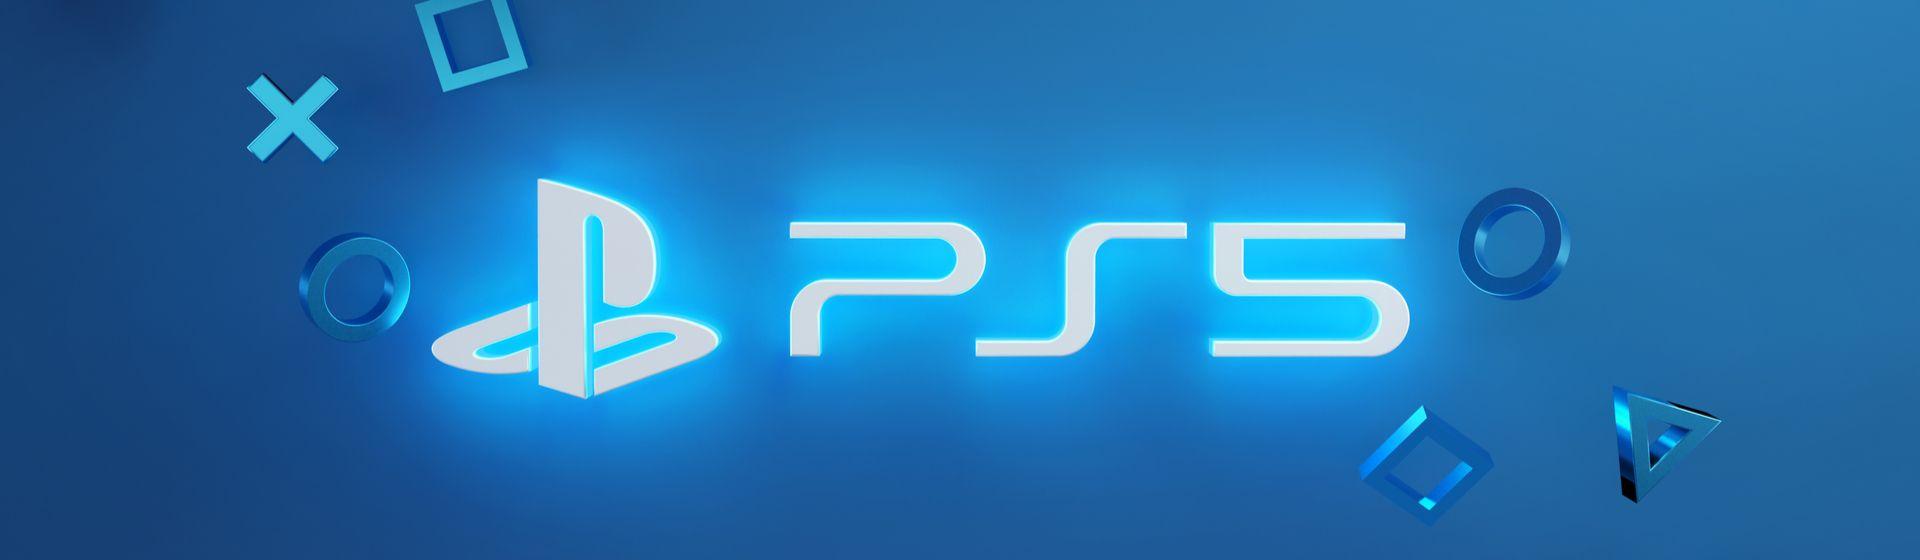 PS5 Digital vale a pena? Veja prós e contras da versão do console